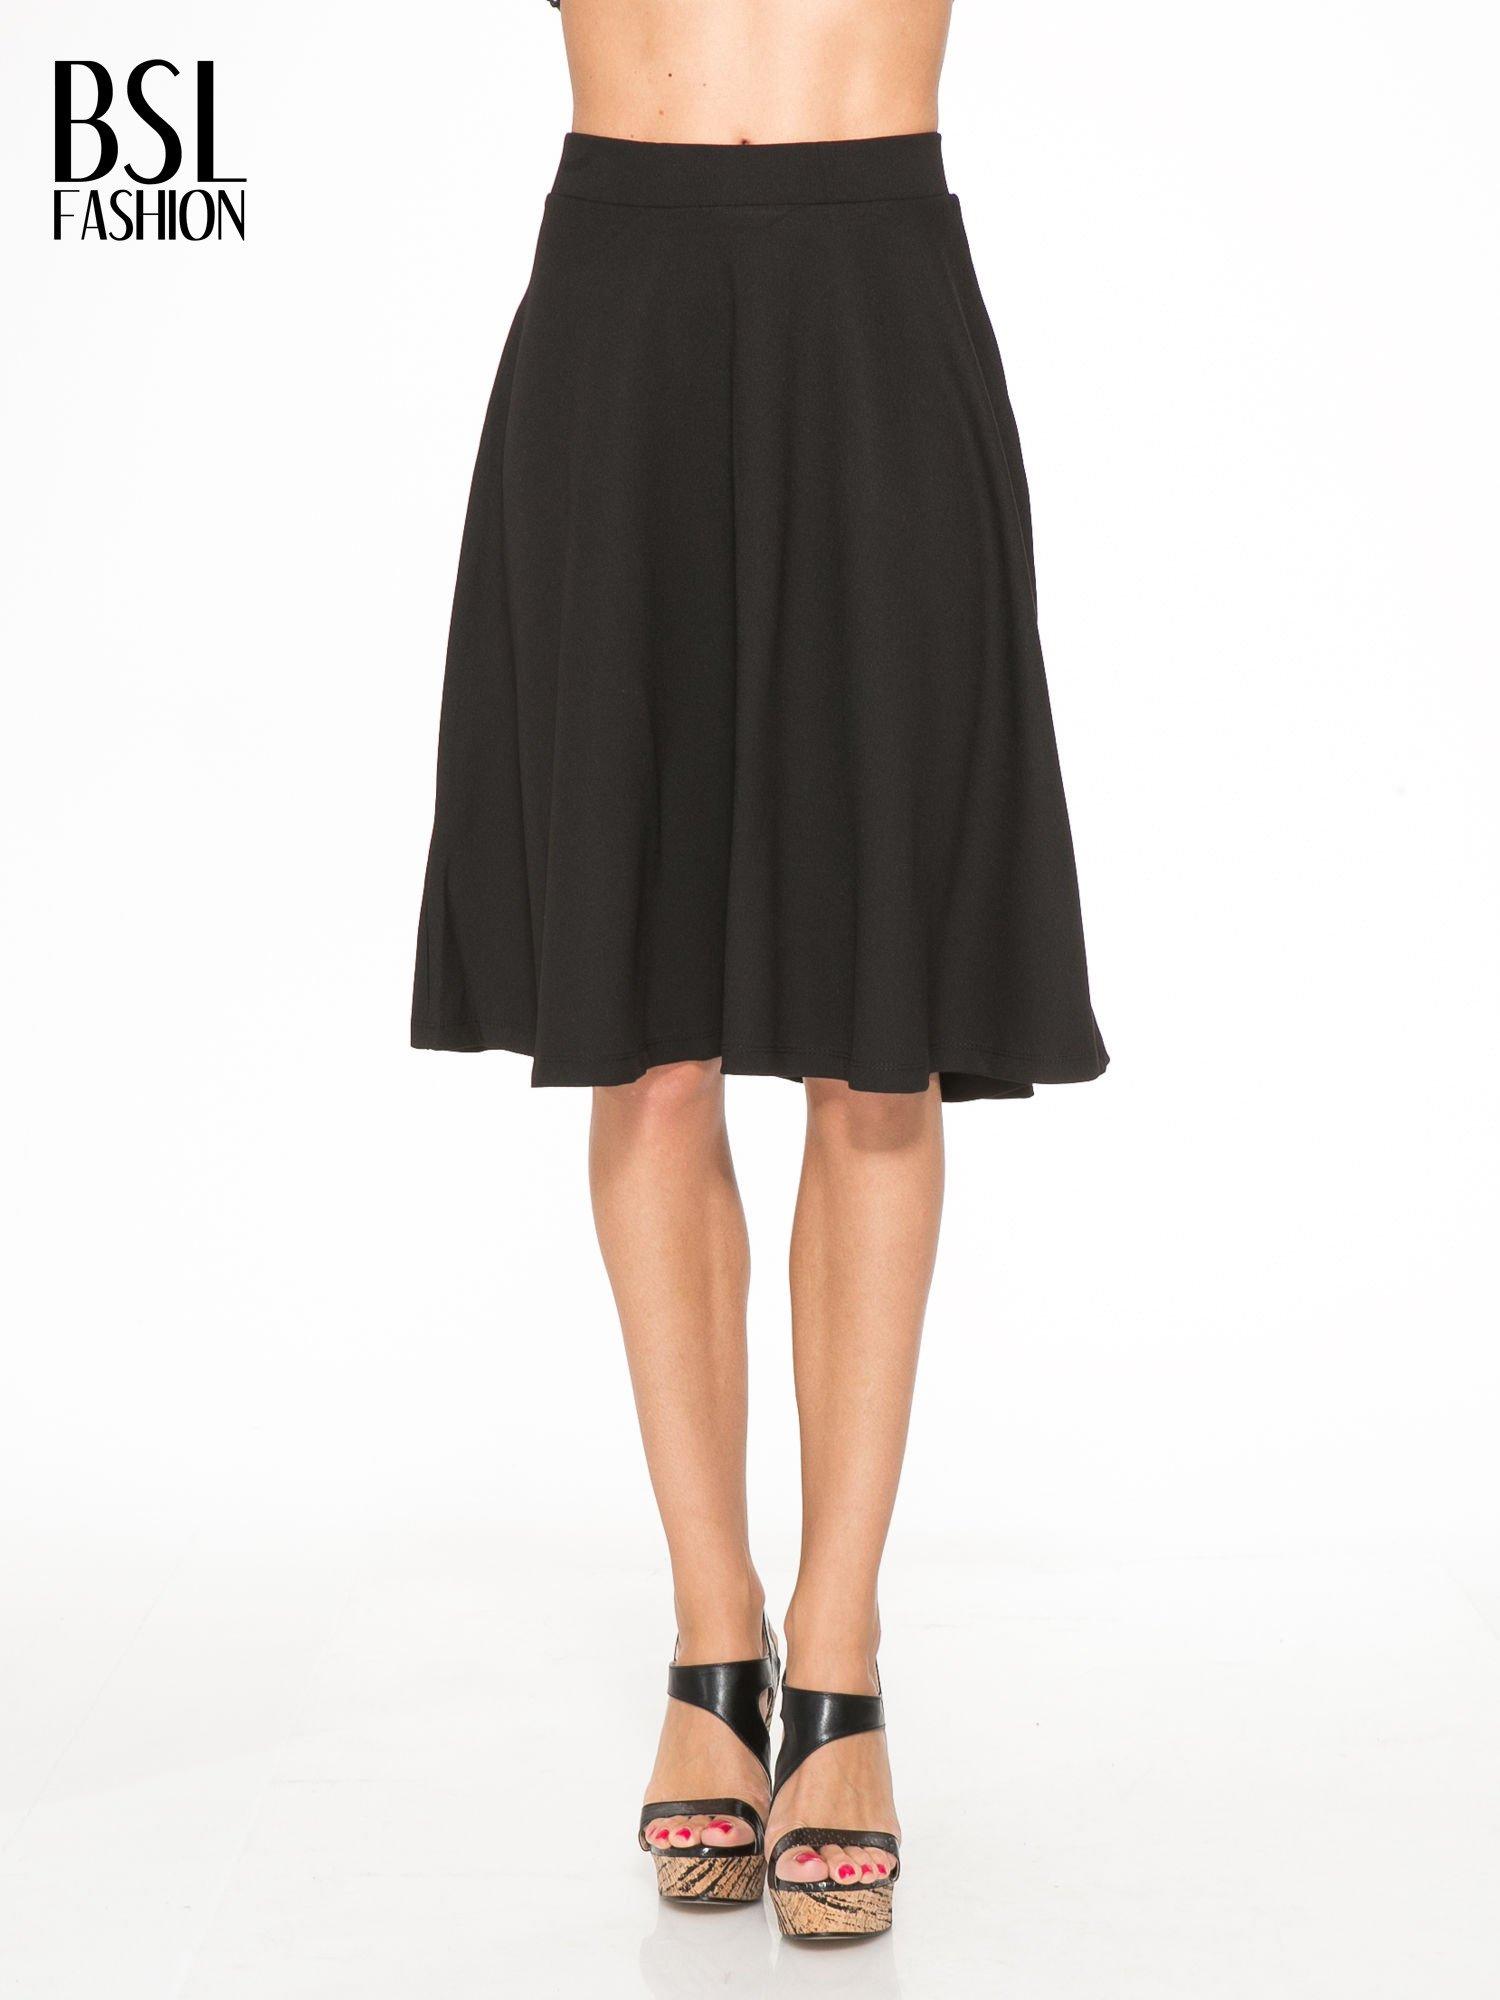 Czarna zwiewna spódnica midi                                  zdj.                                  1